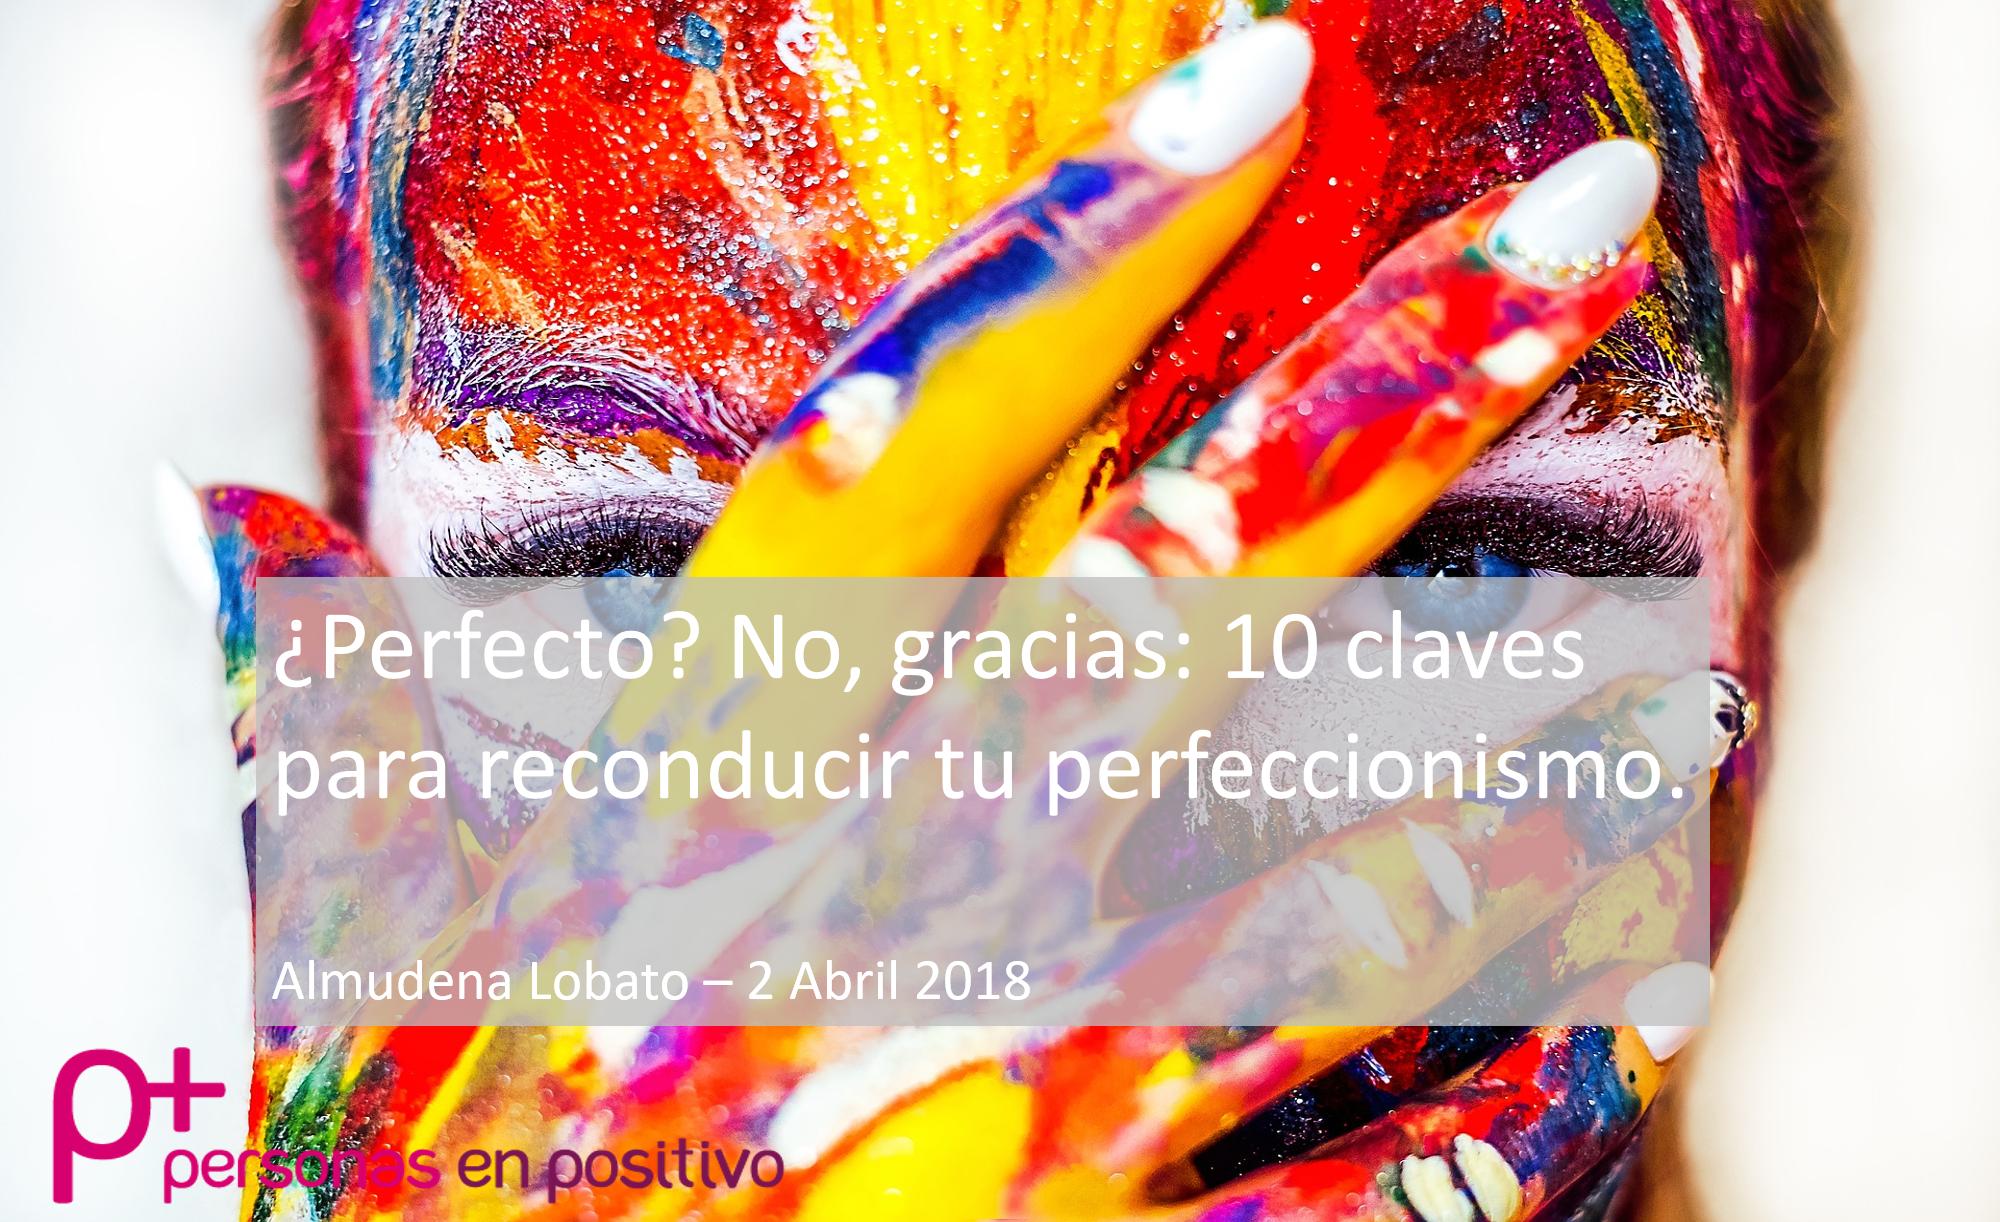 ¿Perfecto? No, gracias: 10 claves para reconducir tu perfeccionismo